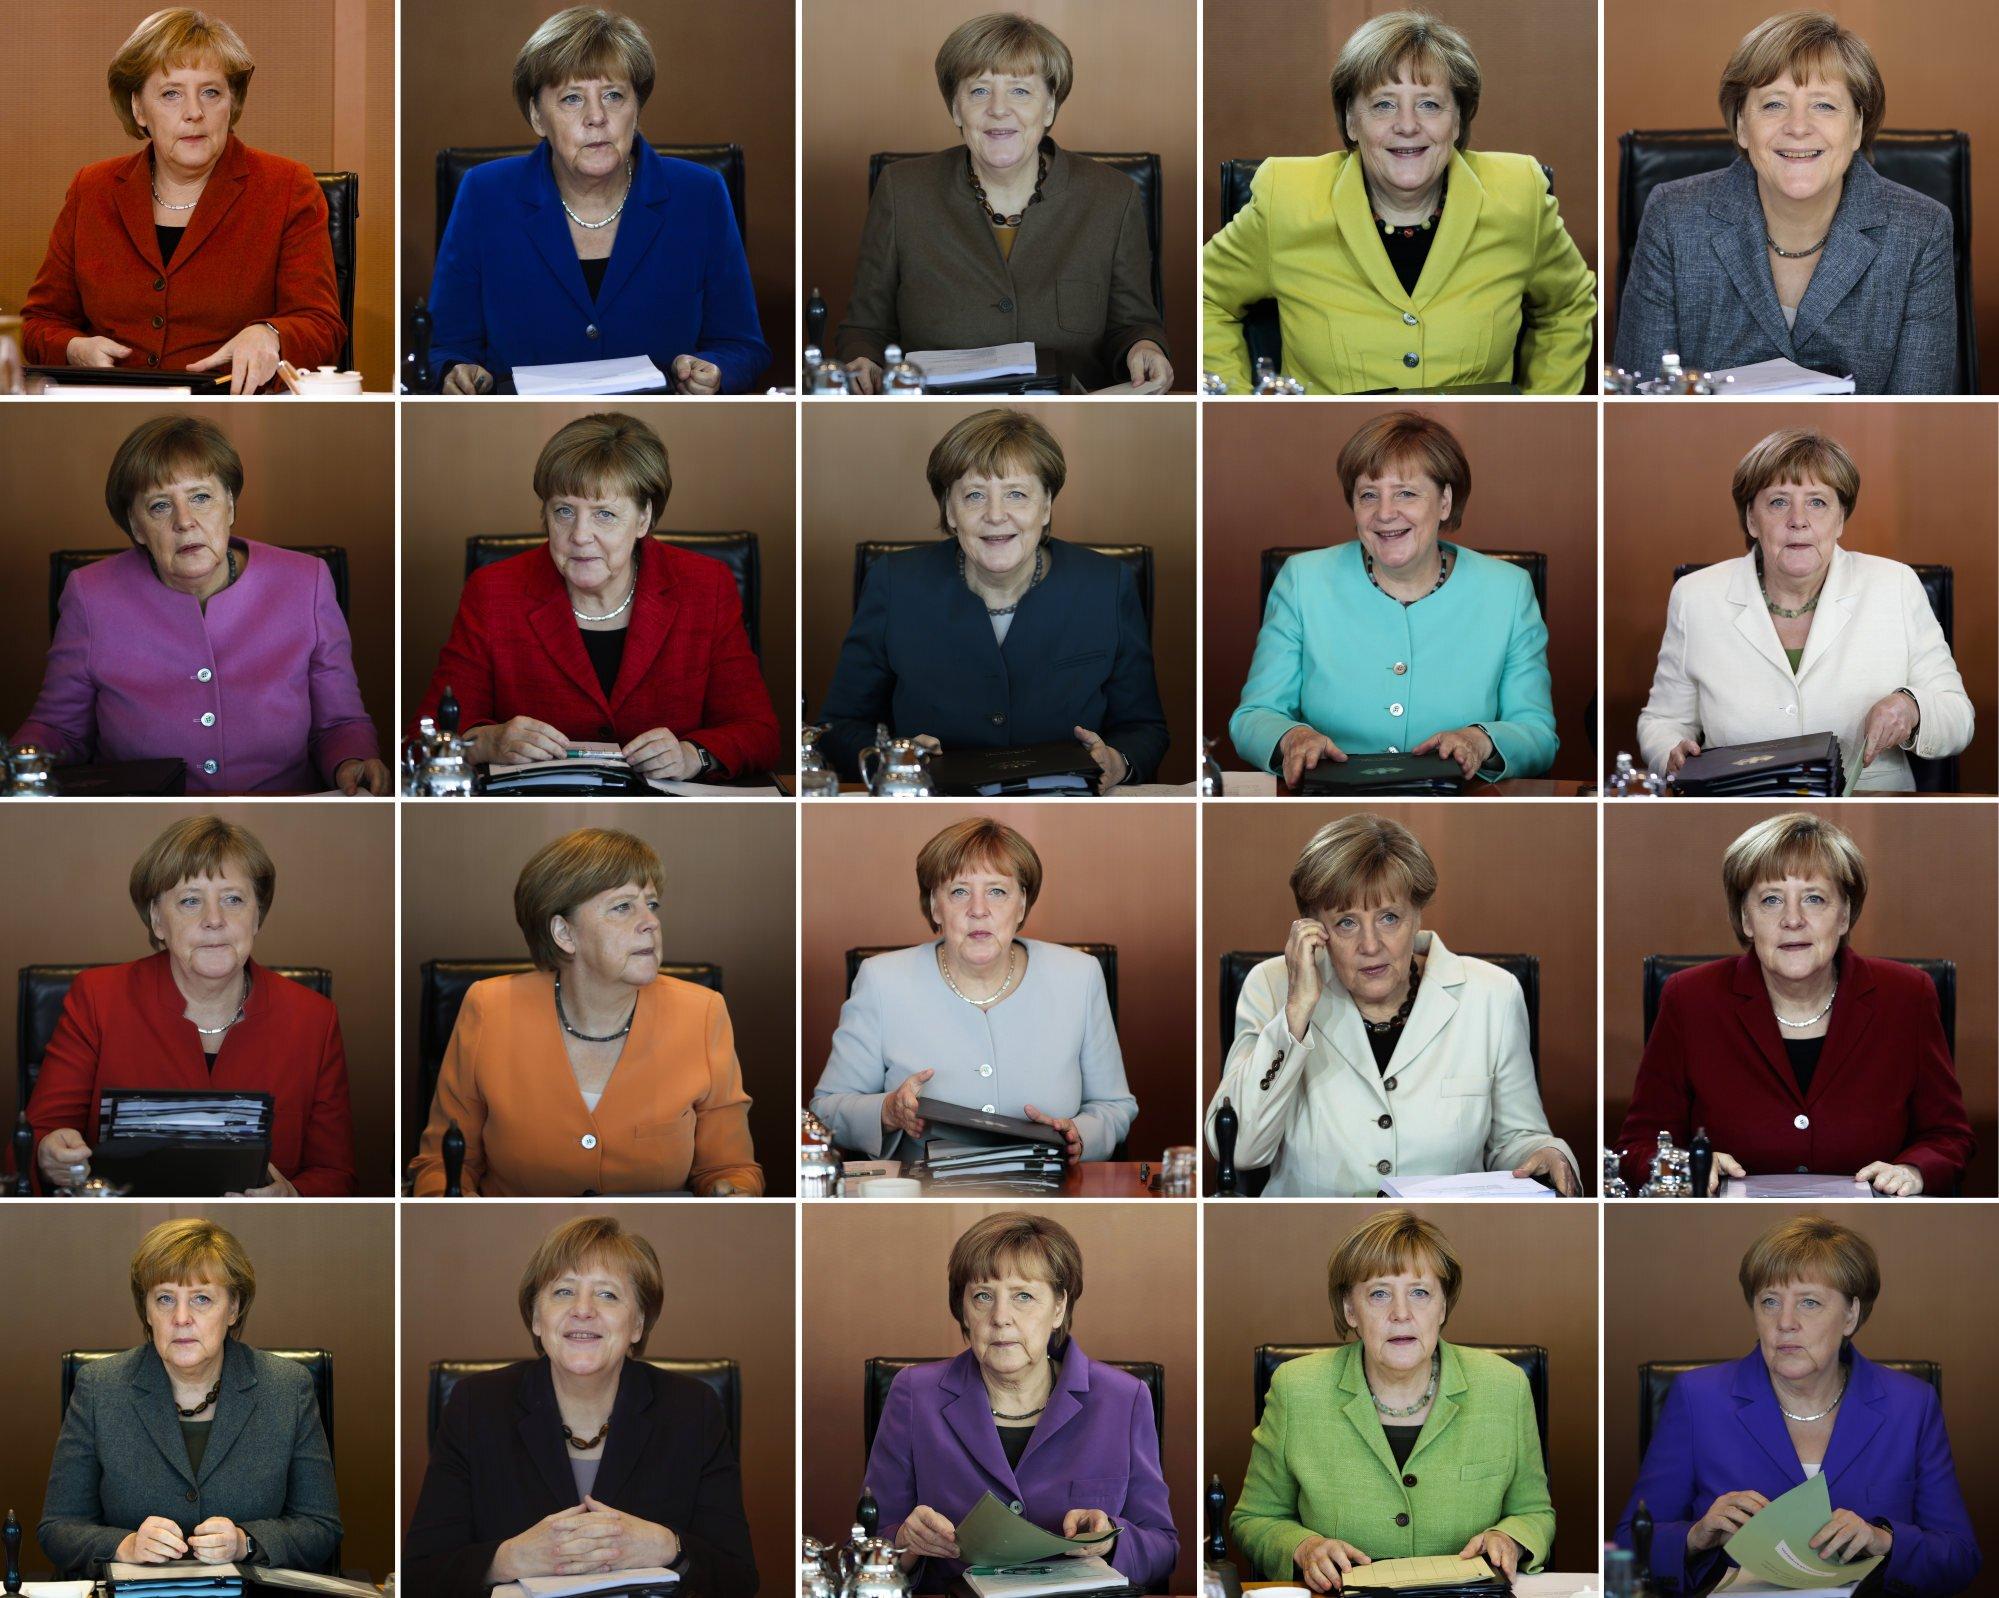 Xuyên suốt những năm qua tại các cuộc họp nội các hàng tuần của chính phủ, bà Angela Merkel đã có cho riêng mình bộ sưu tập áo khoác phong phủ đủ màu sắc bên cạnh mái tóc ngắn đặc trưng của bà. Bà từng cho biết, bà không bảo thủ song mái tóc ngắn, mái bằng là kiểu tóc giúp bà thấy thoải mái và hợp nhất.